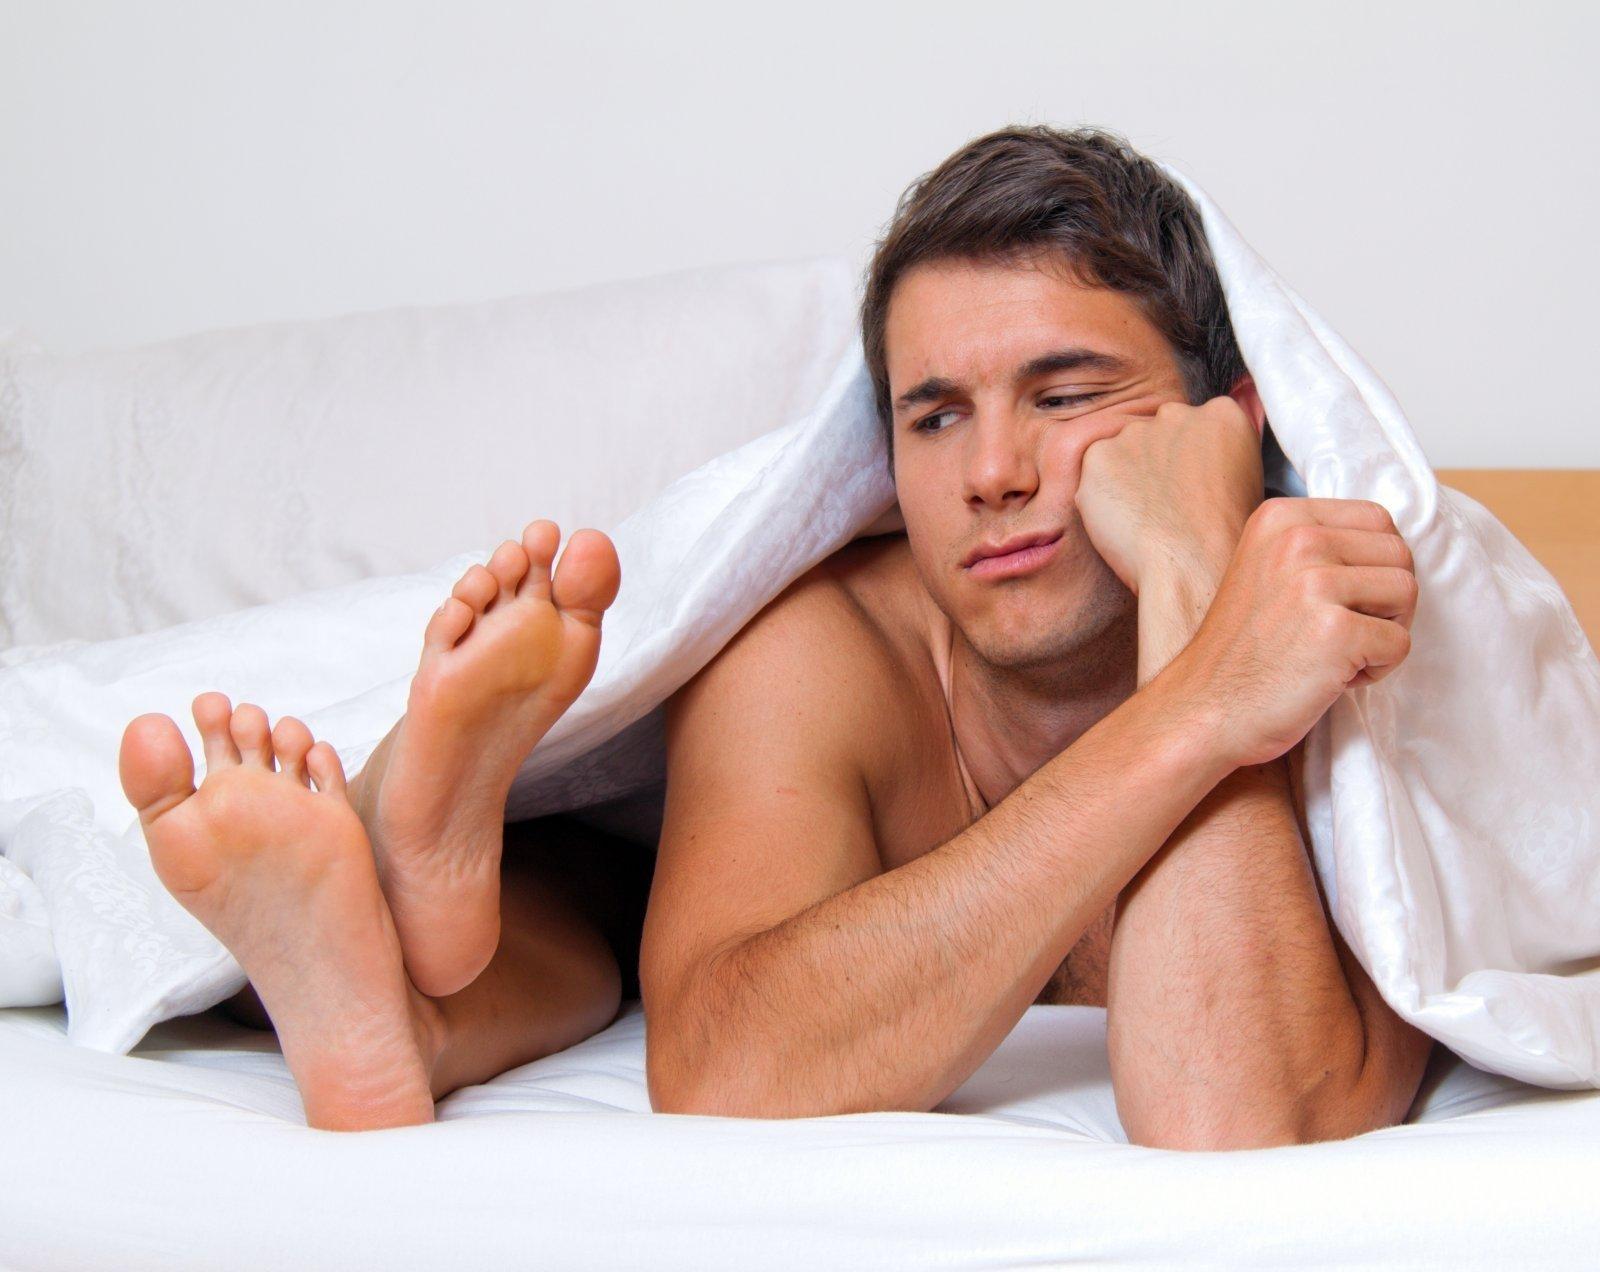 Kas yra nario storis, kai erekcija Puikus sekso nario dydis